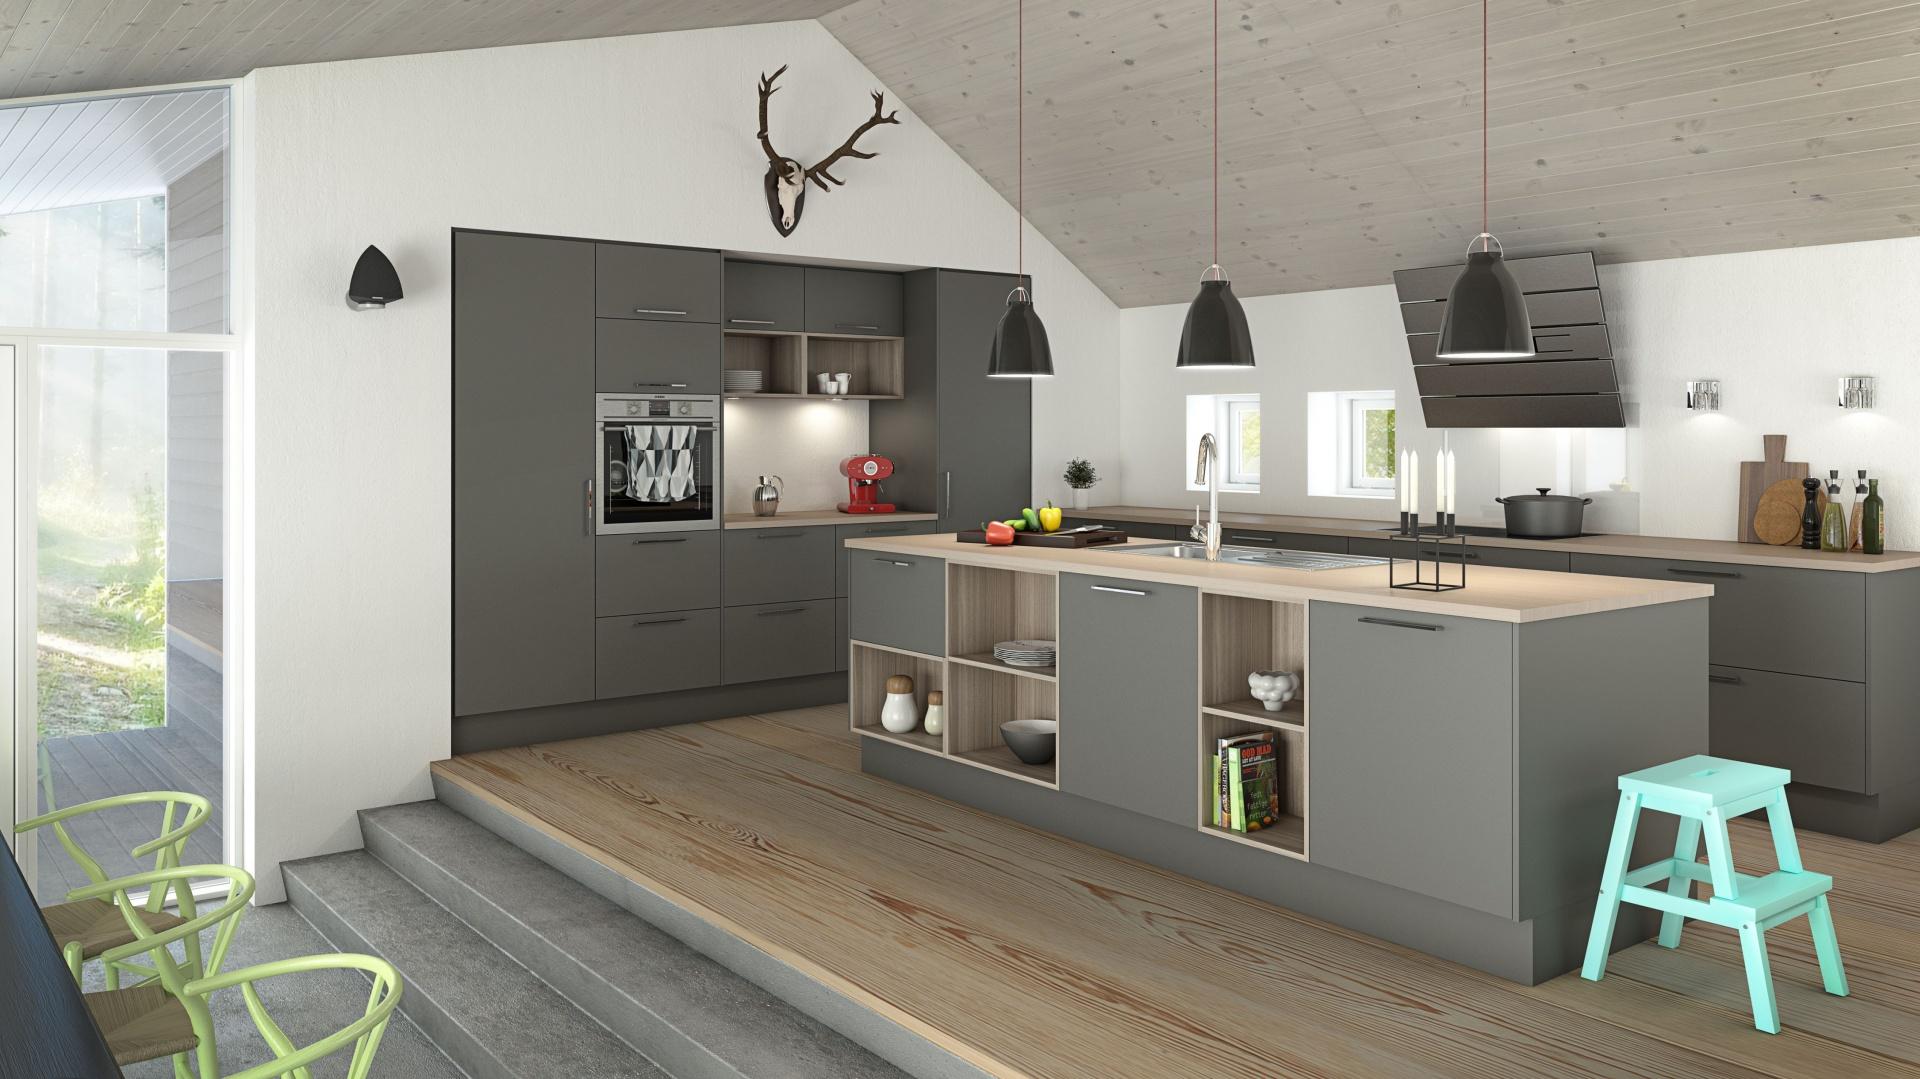 Kuchnia W Stylu Loft Tak Urządzisz Nowoczesne Wnętrze